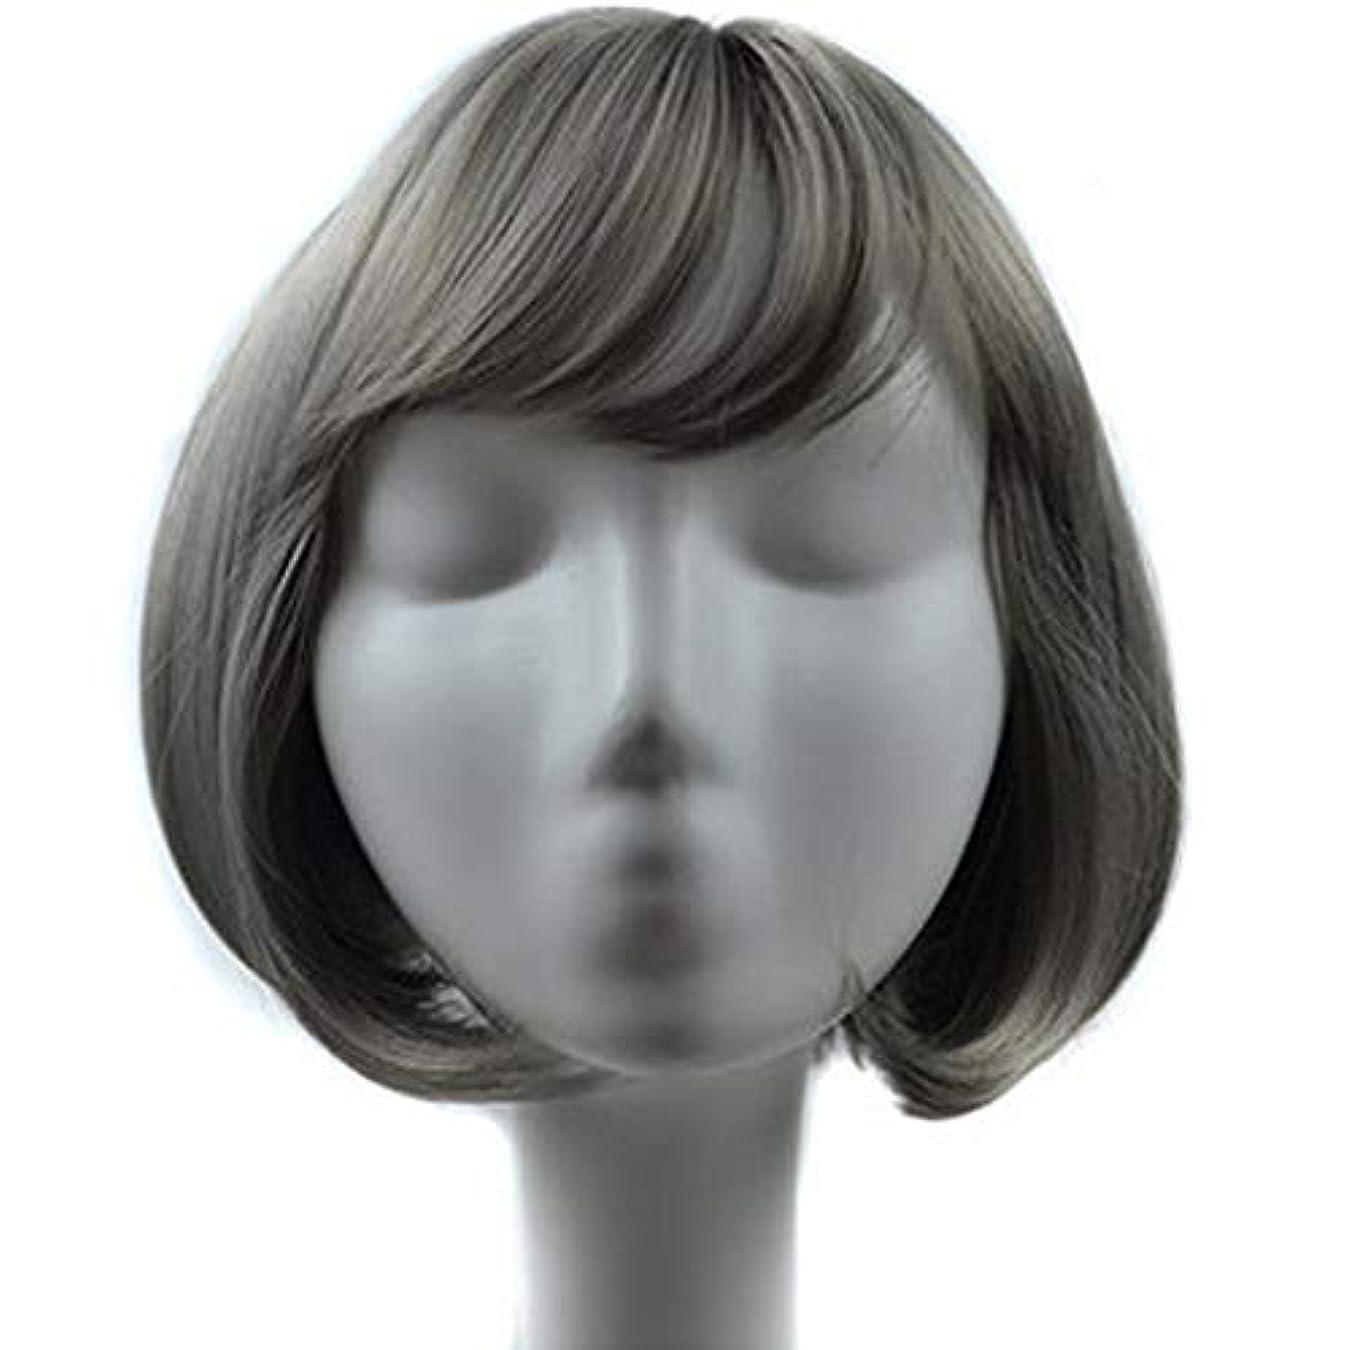 有力者配送ハックLazayyii女子 かつら エアバン 天然のリアル ヘア前髪エアバンボボヘッドナシウィッグ (グレー)